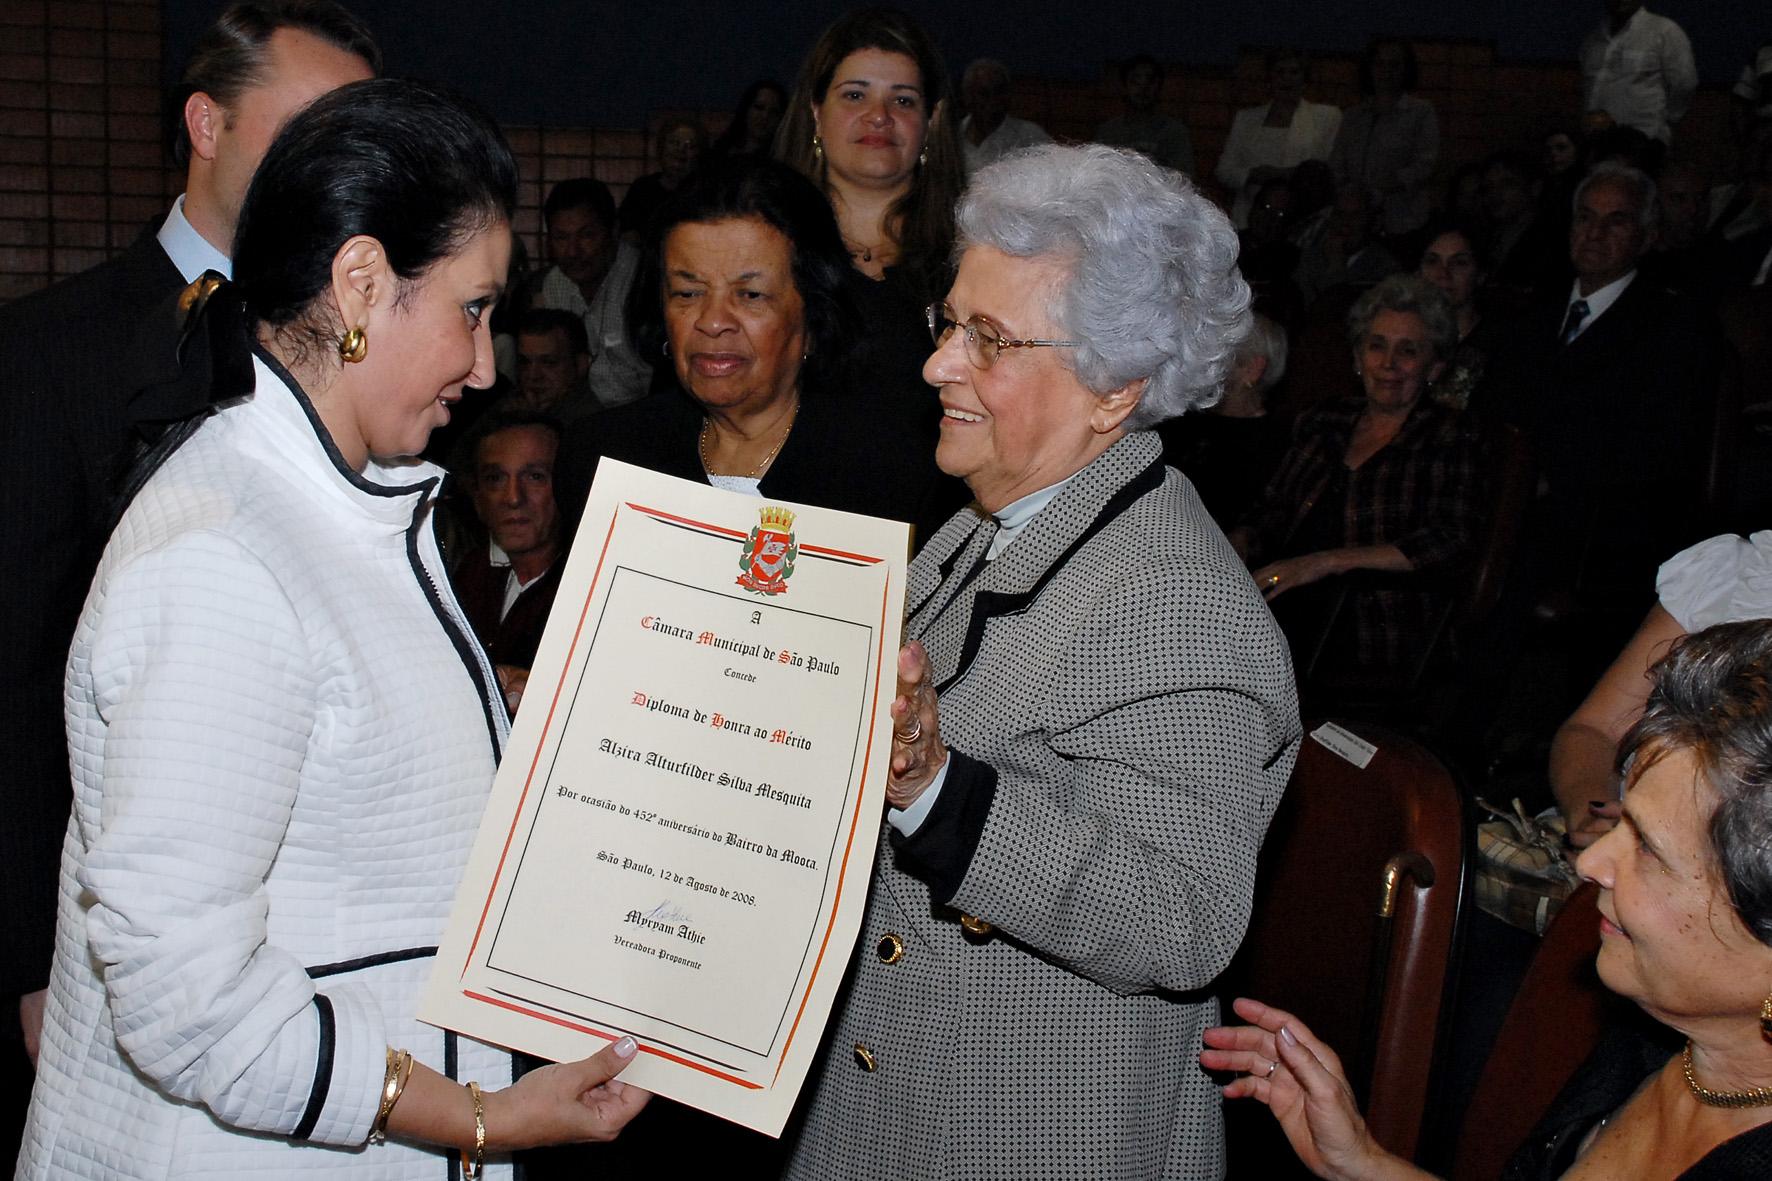 Vereadora Myryam Athie entrega homenagem para a Sra. Alzira Alturfilder Silva Mesquita, fundadora da Universidade São Judas Tadeu - localizada no bair